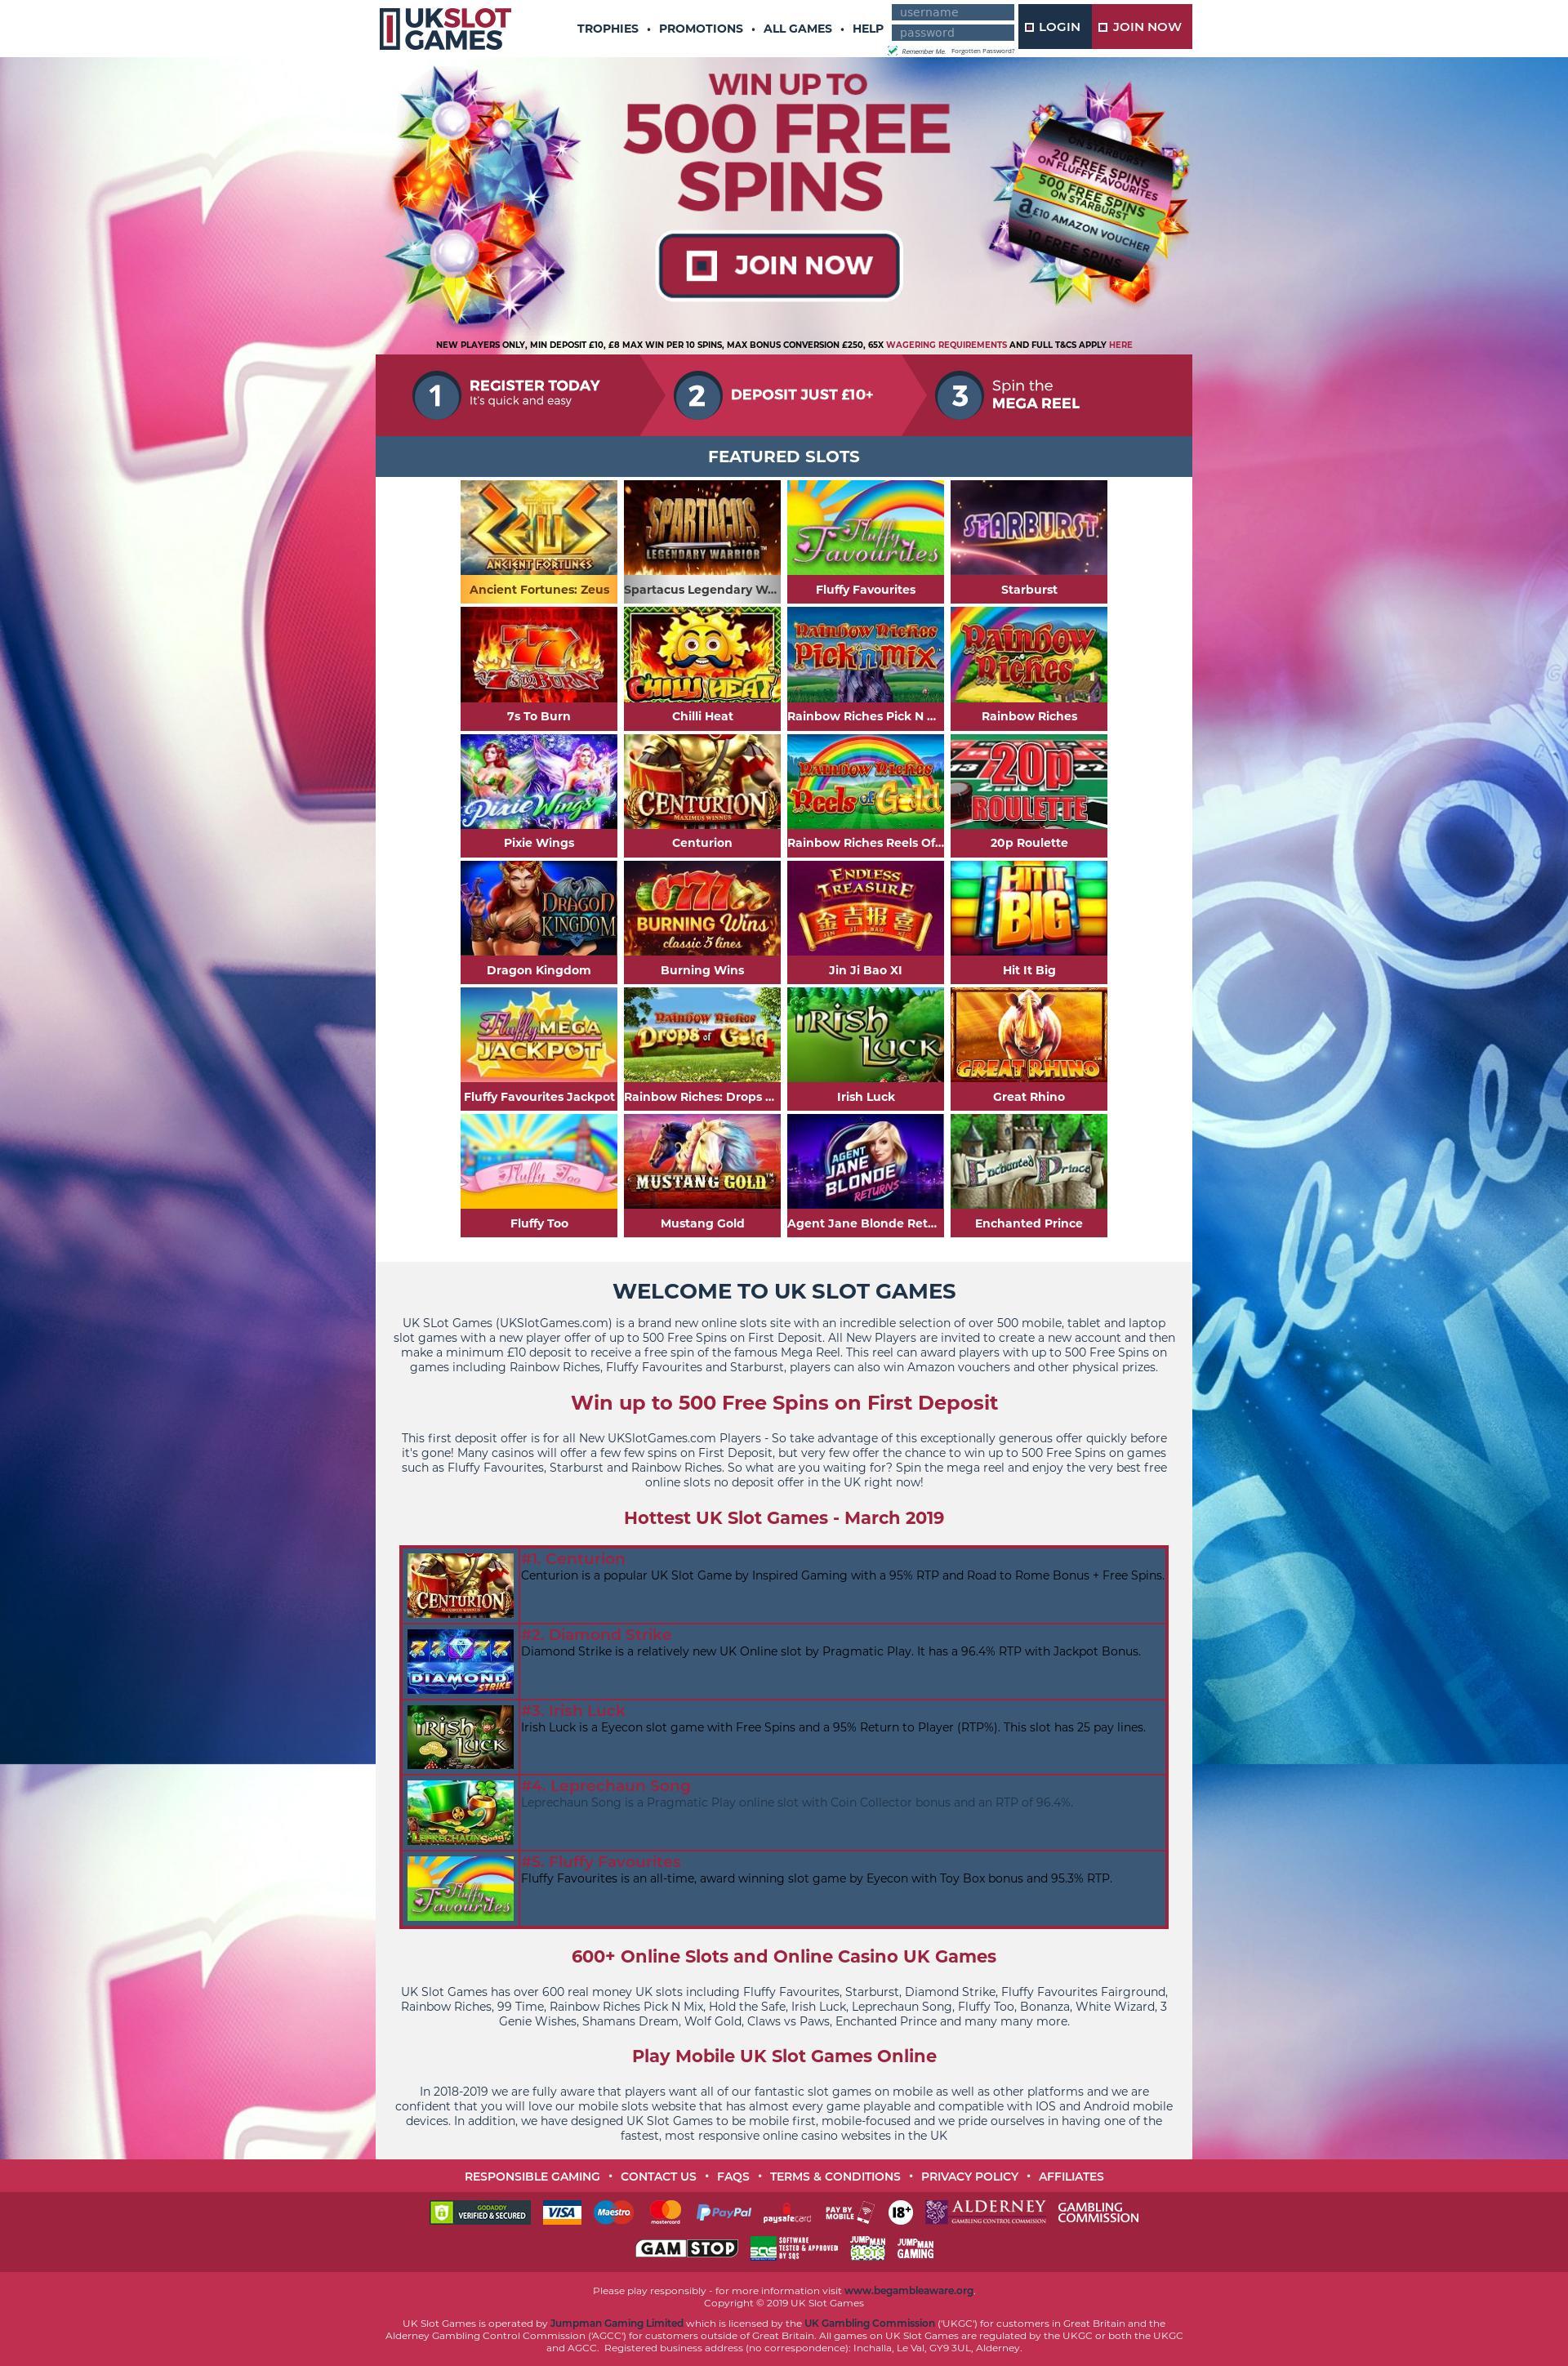 UK Slot Games Main